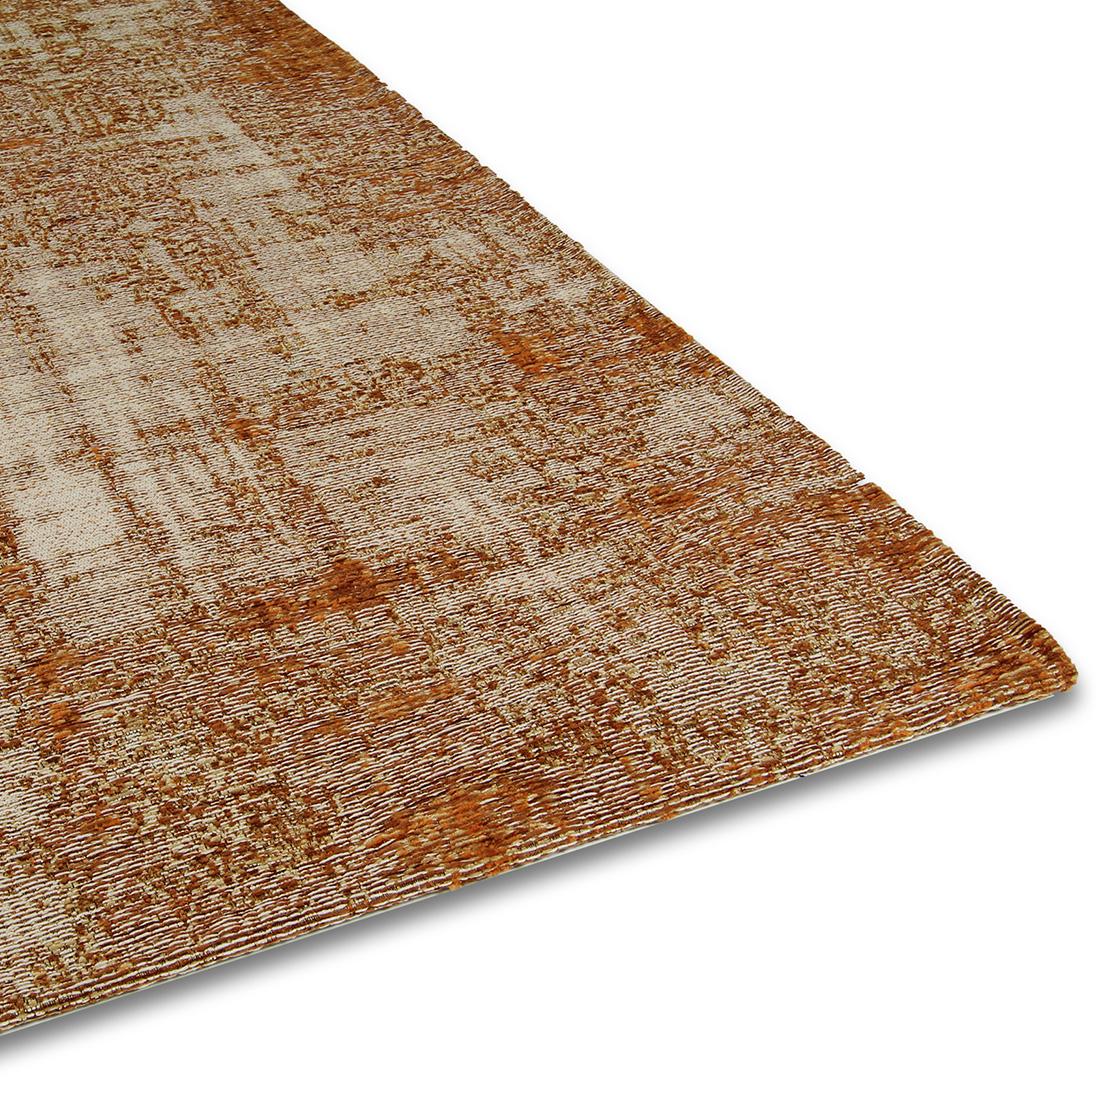 Vloerkleed Brinker Grunge Rust | 170 x 230 cm